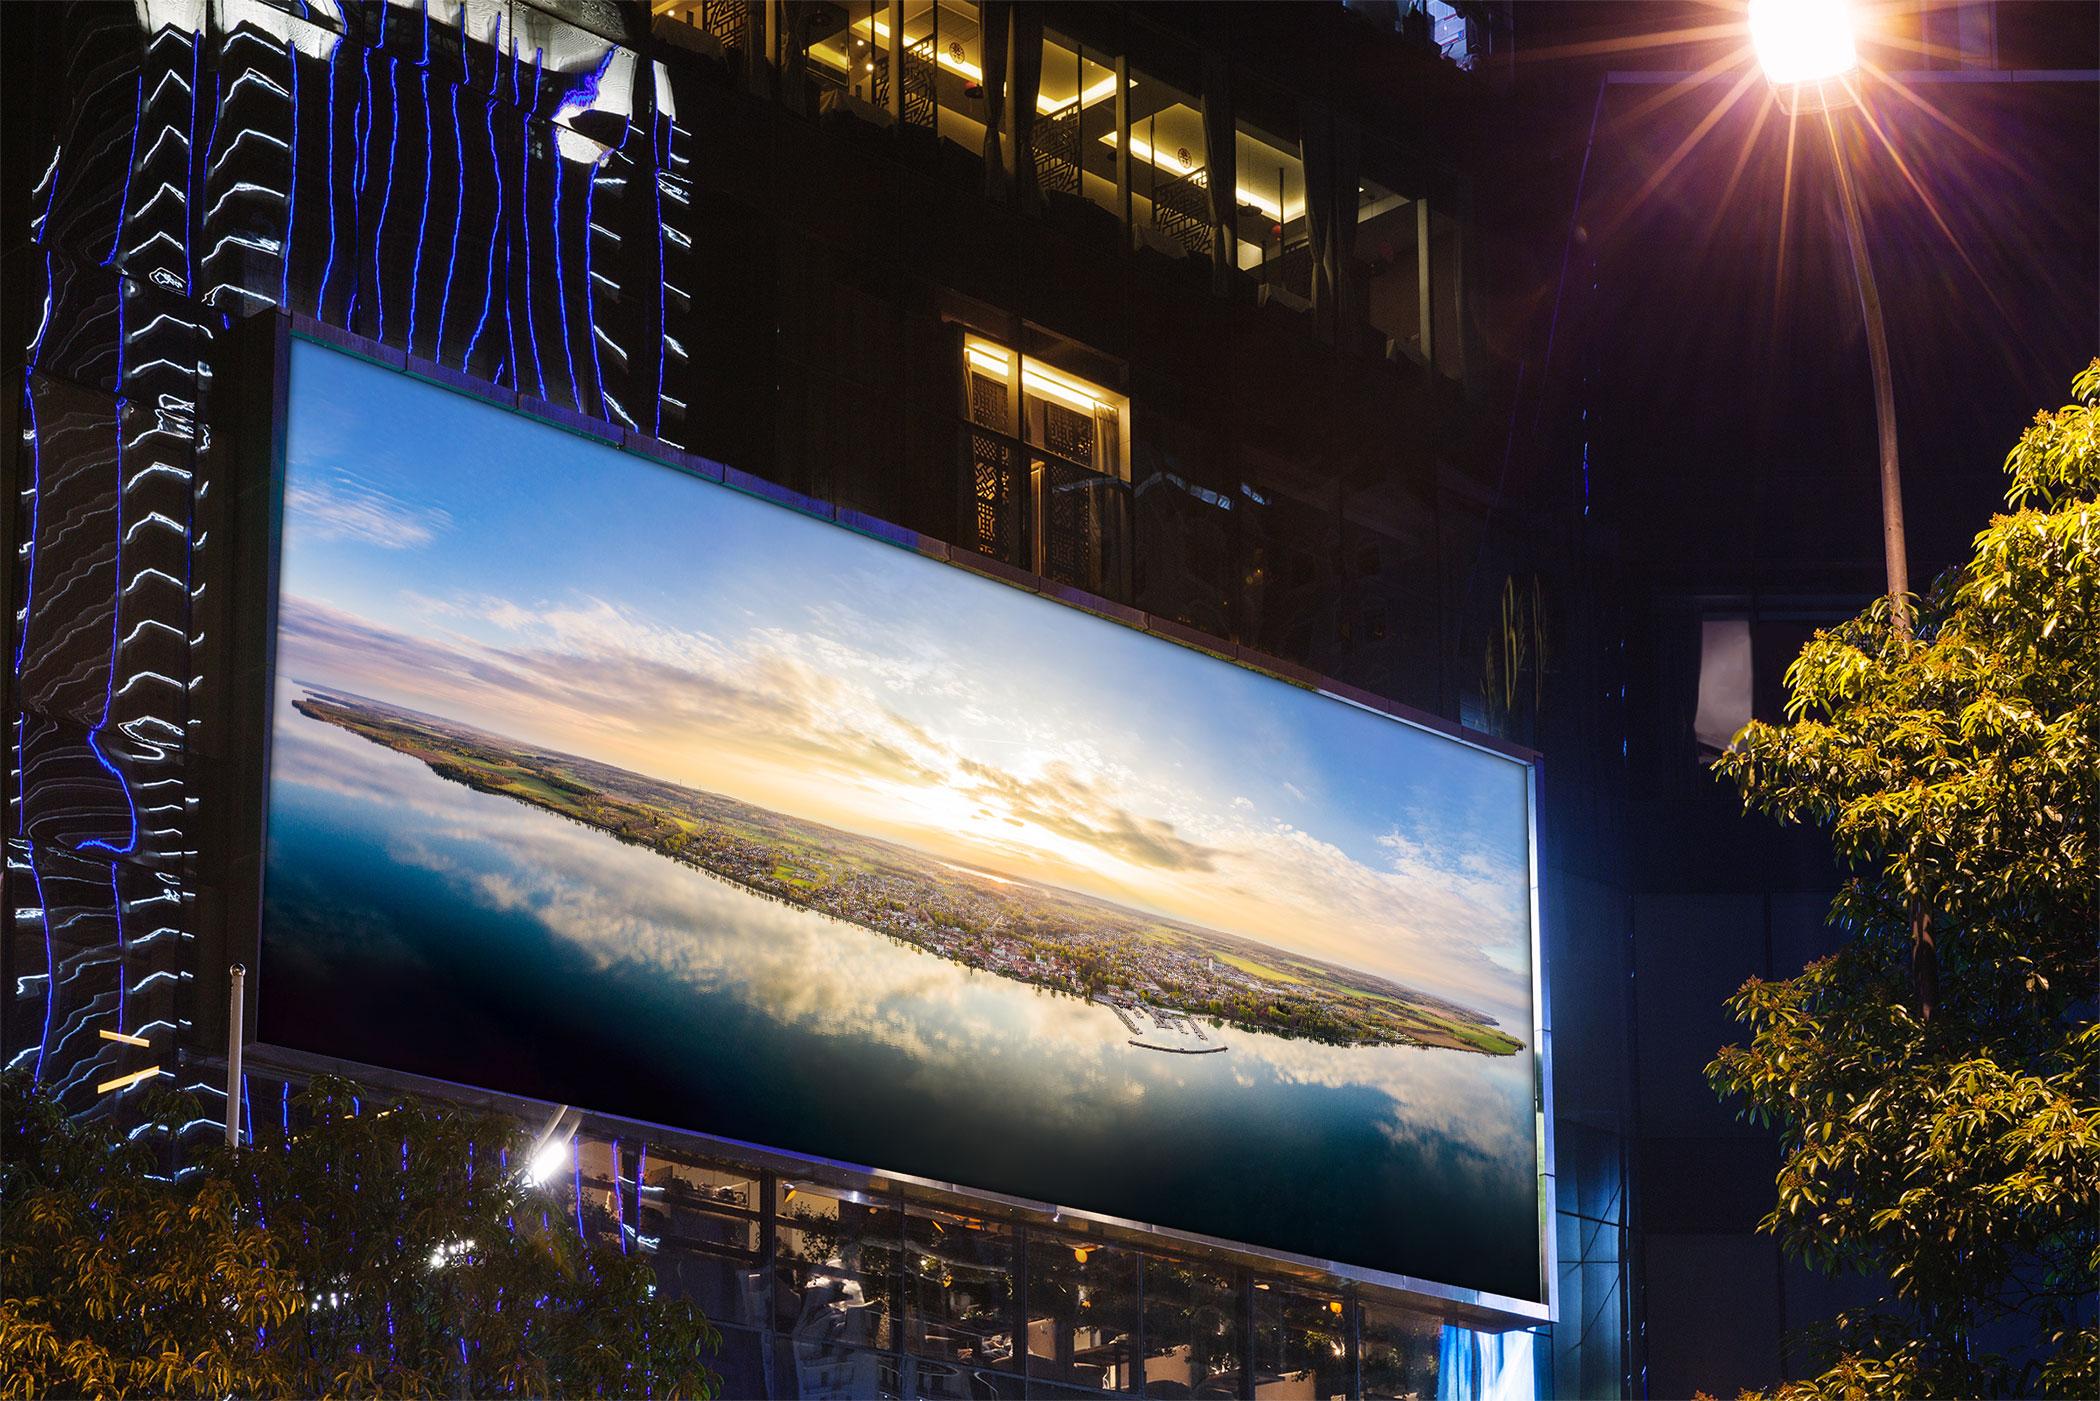 fotokonst-offentlig-miljo-gigapixel-panorama-billboard